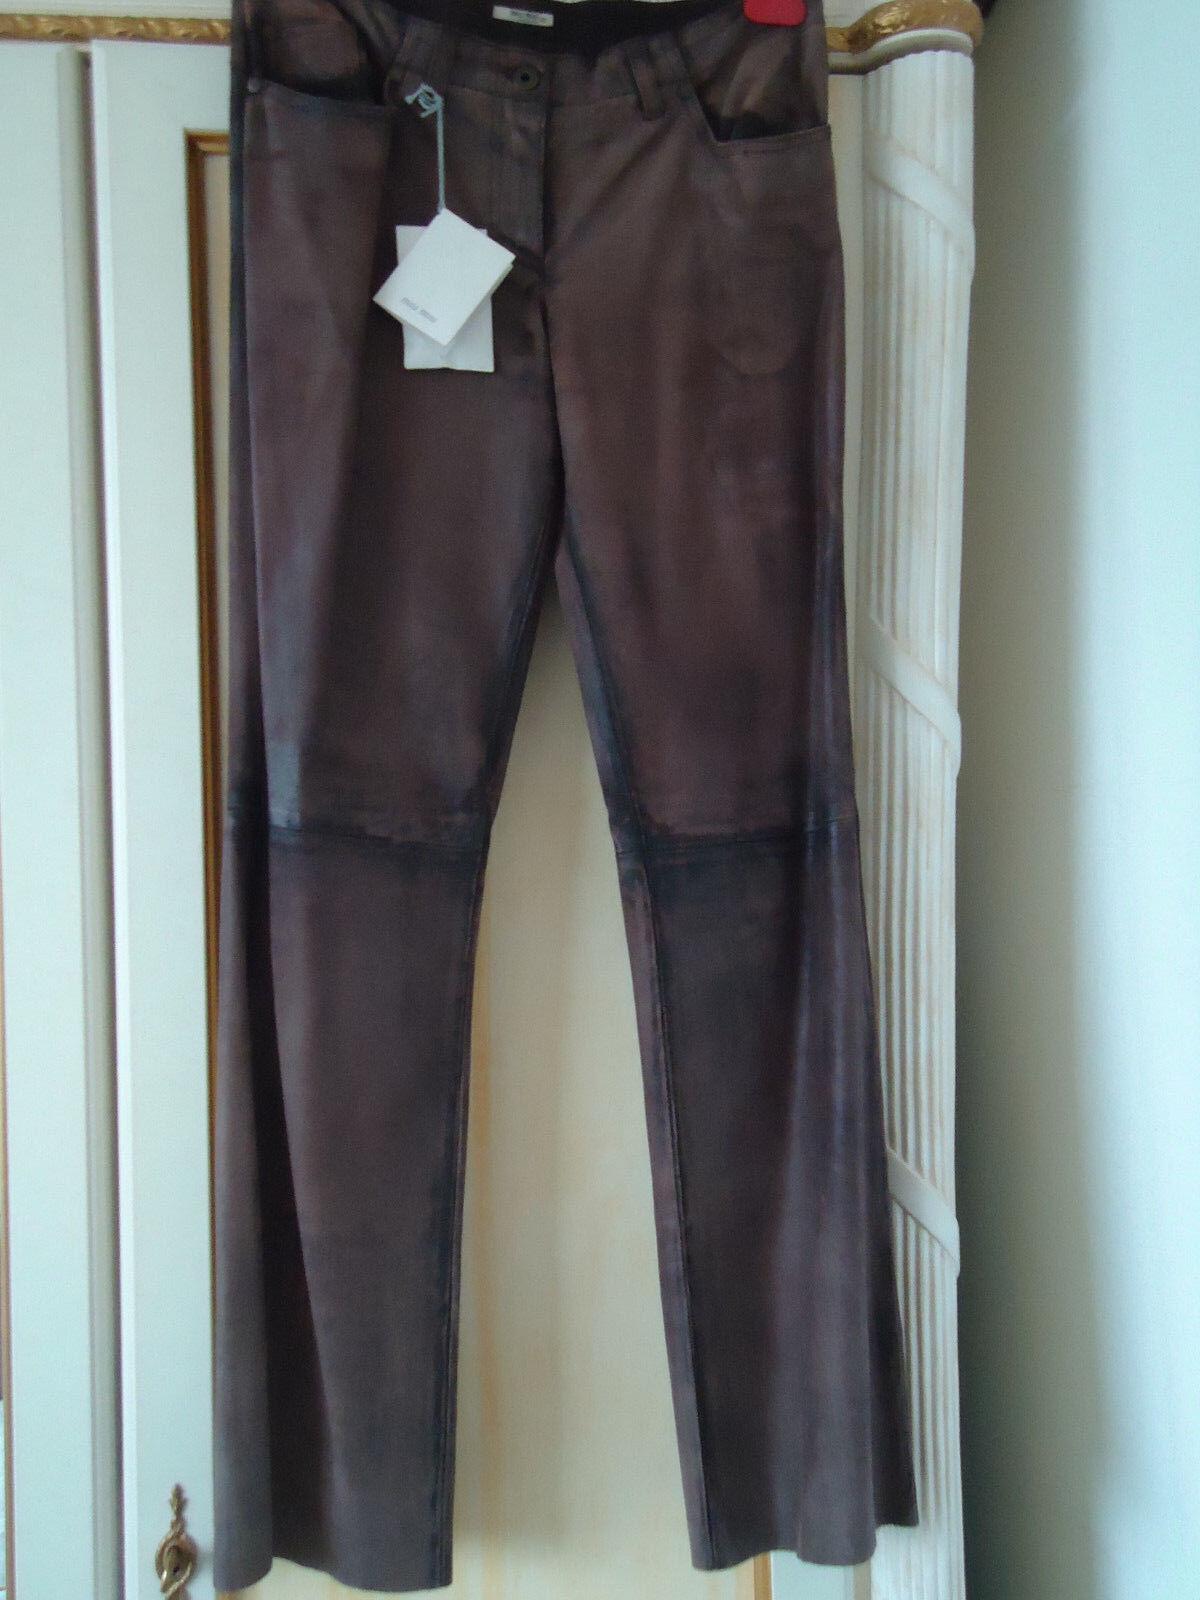 MIU MIU von PRADA Echt Leder Hose Jeans Braun Grau It.42 (D.36 38) Jades